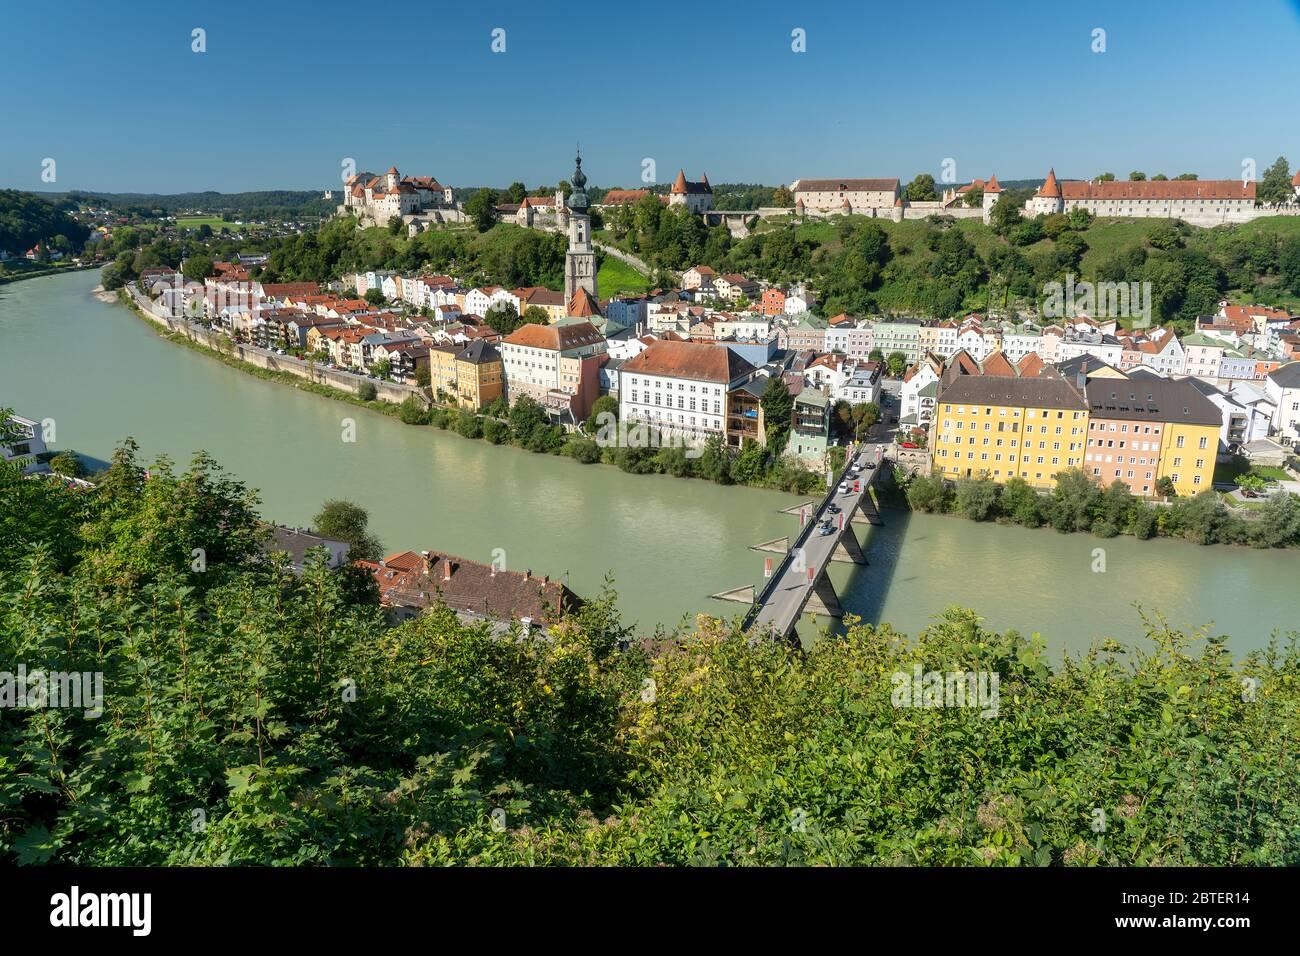 Die Altstadt von Burghausen mit der Burg hoch über der Stadt an der Salzach gelegen Stock Photo